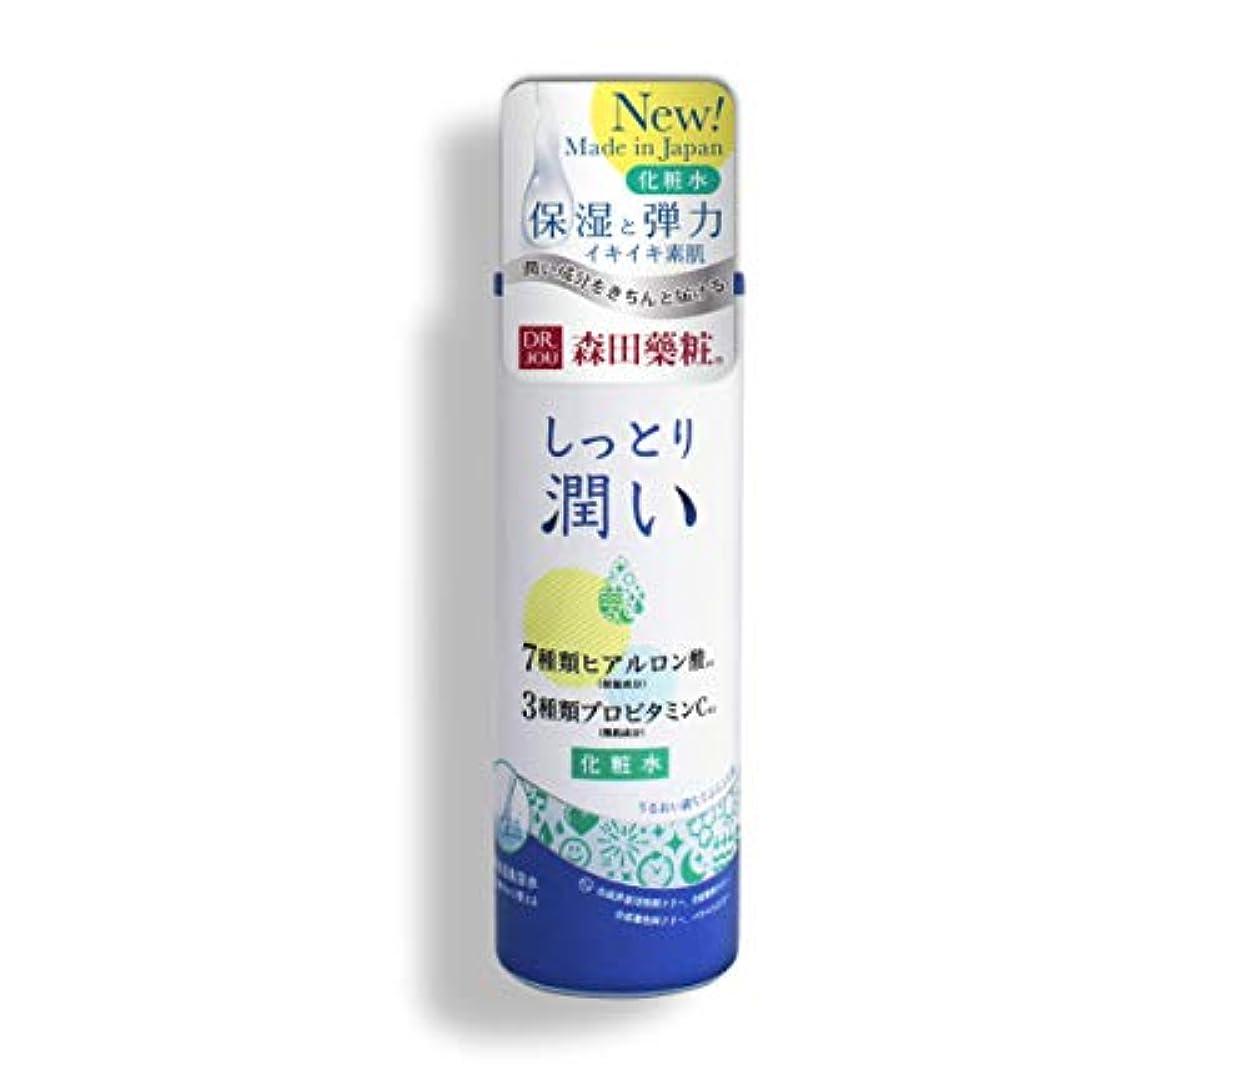 【森田薬粧】DR.JOU しっとり 潤い 化粧水 (170ml)